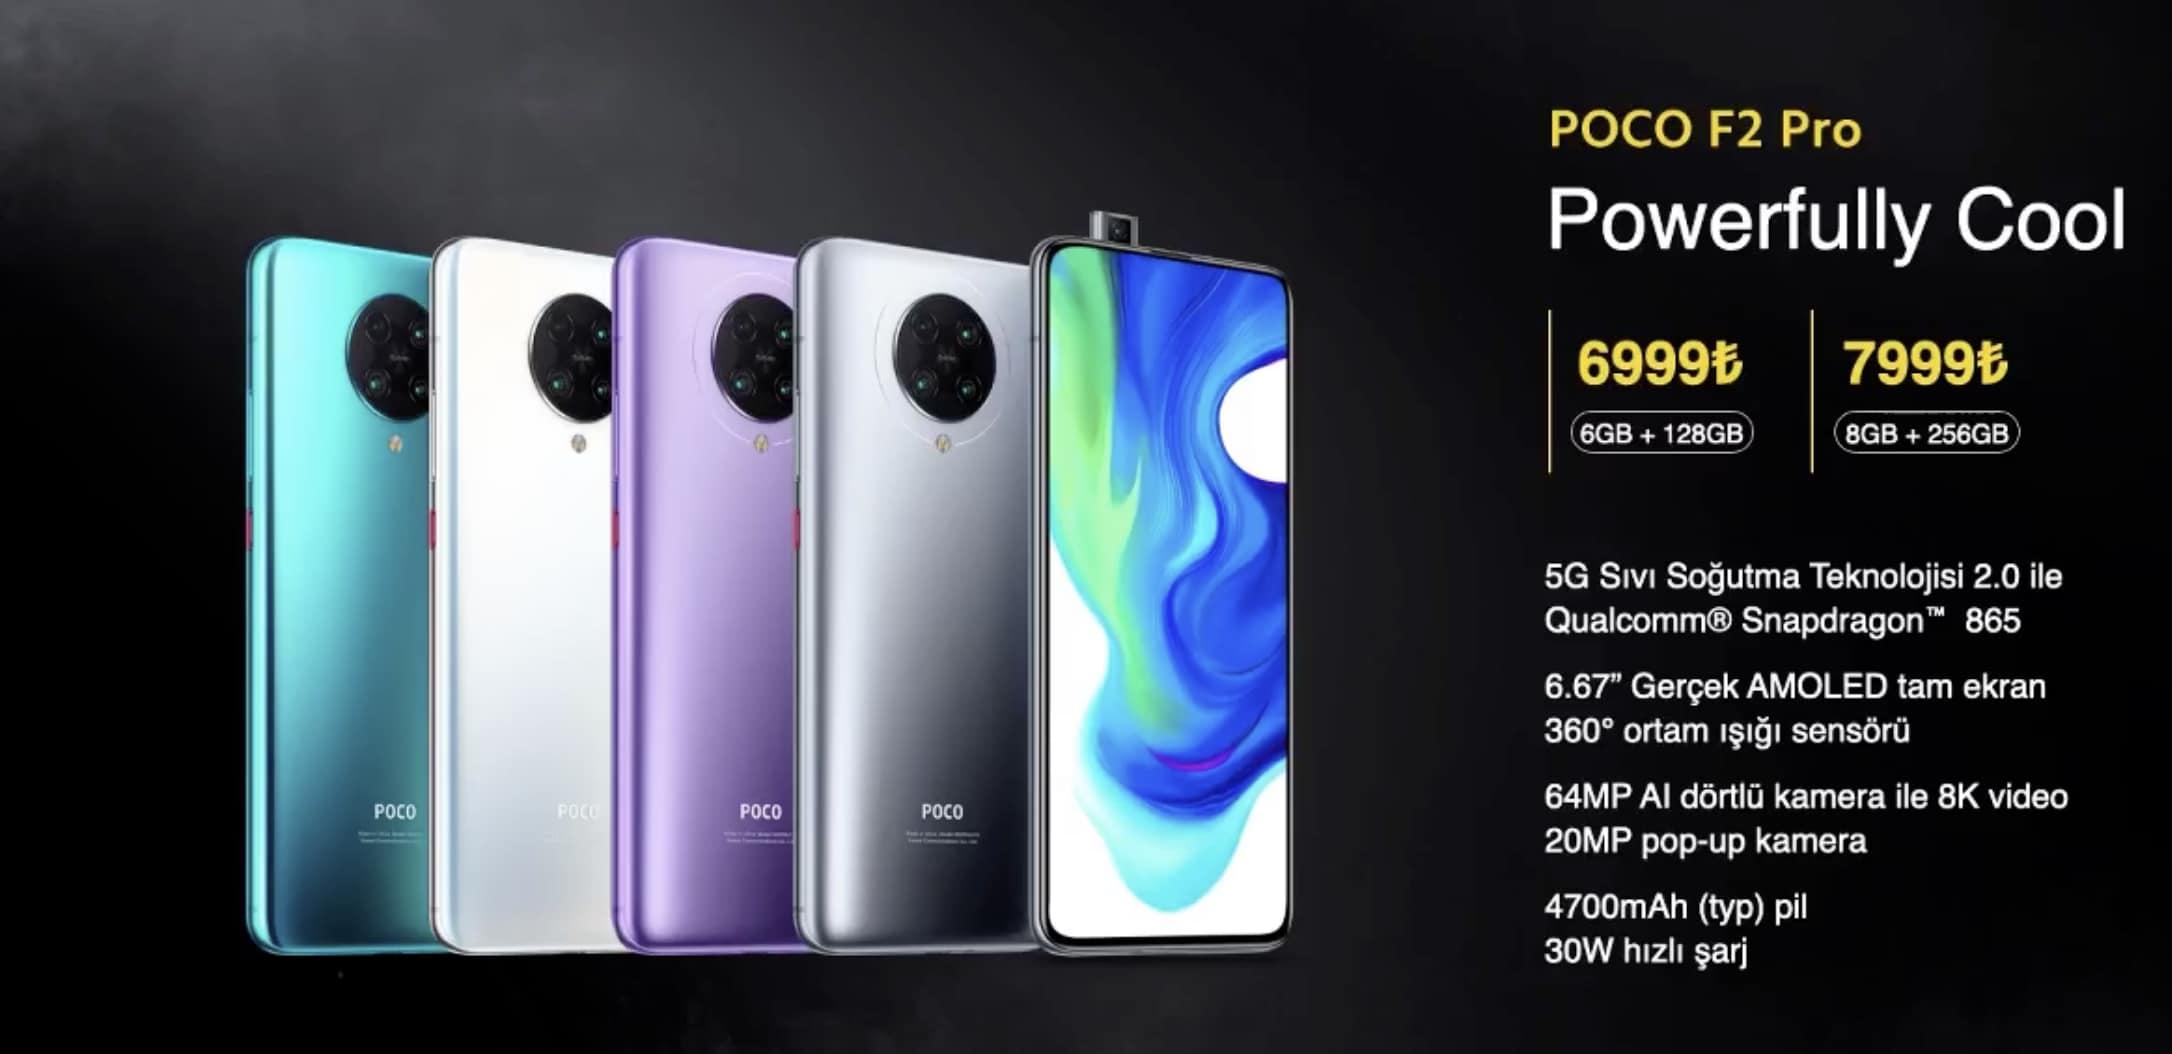 Merakla beklenen Poco F2 Pro Türkiye fiyatı belli oldu